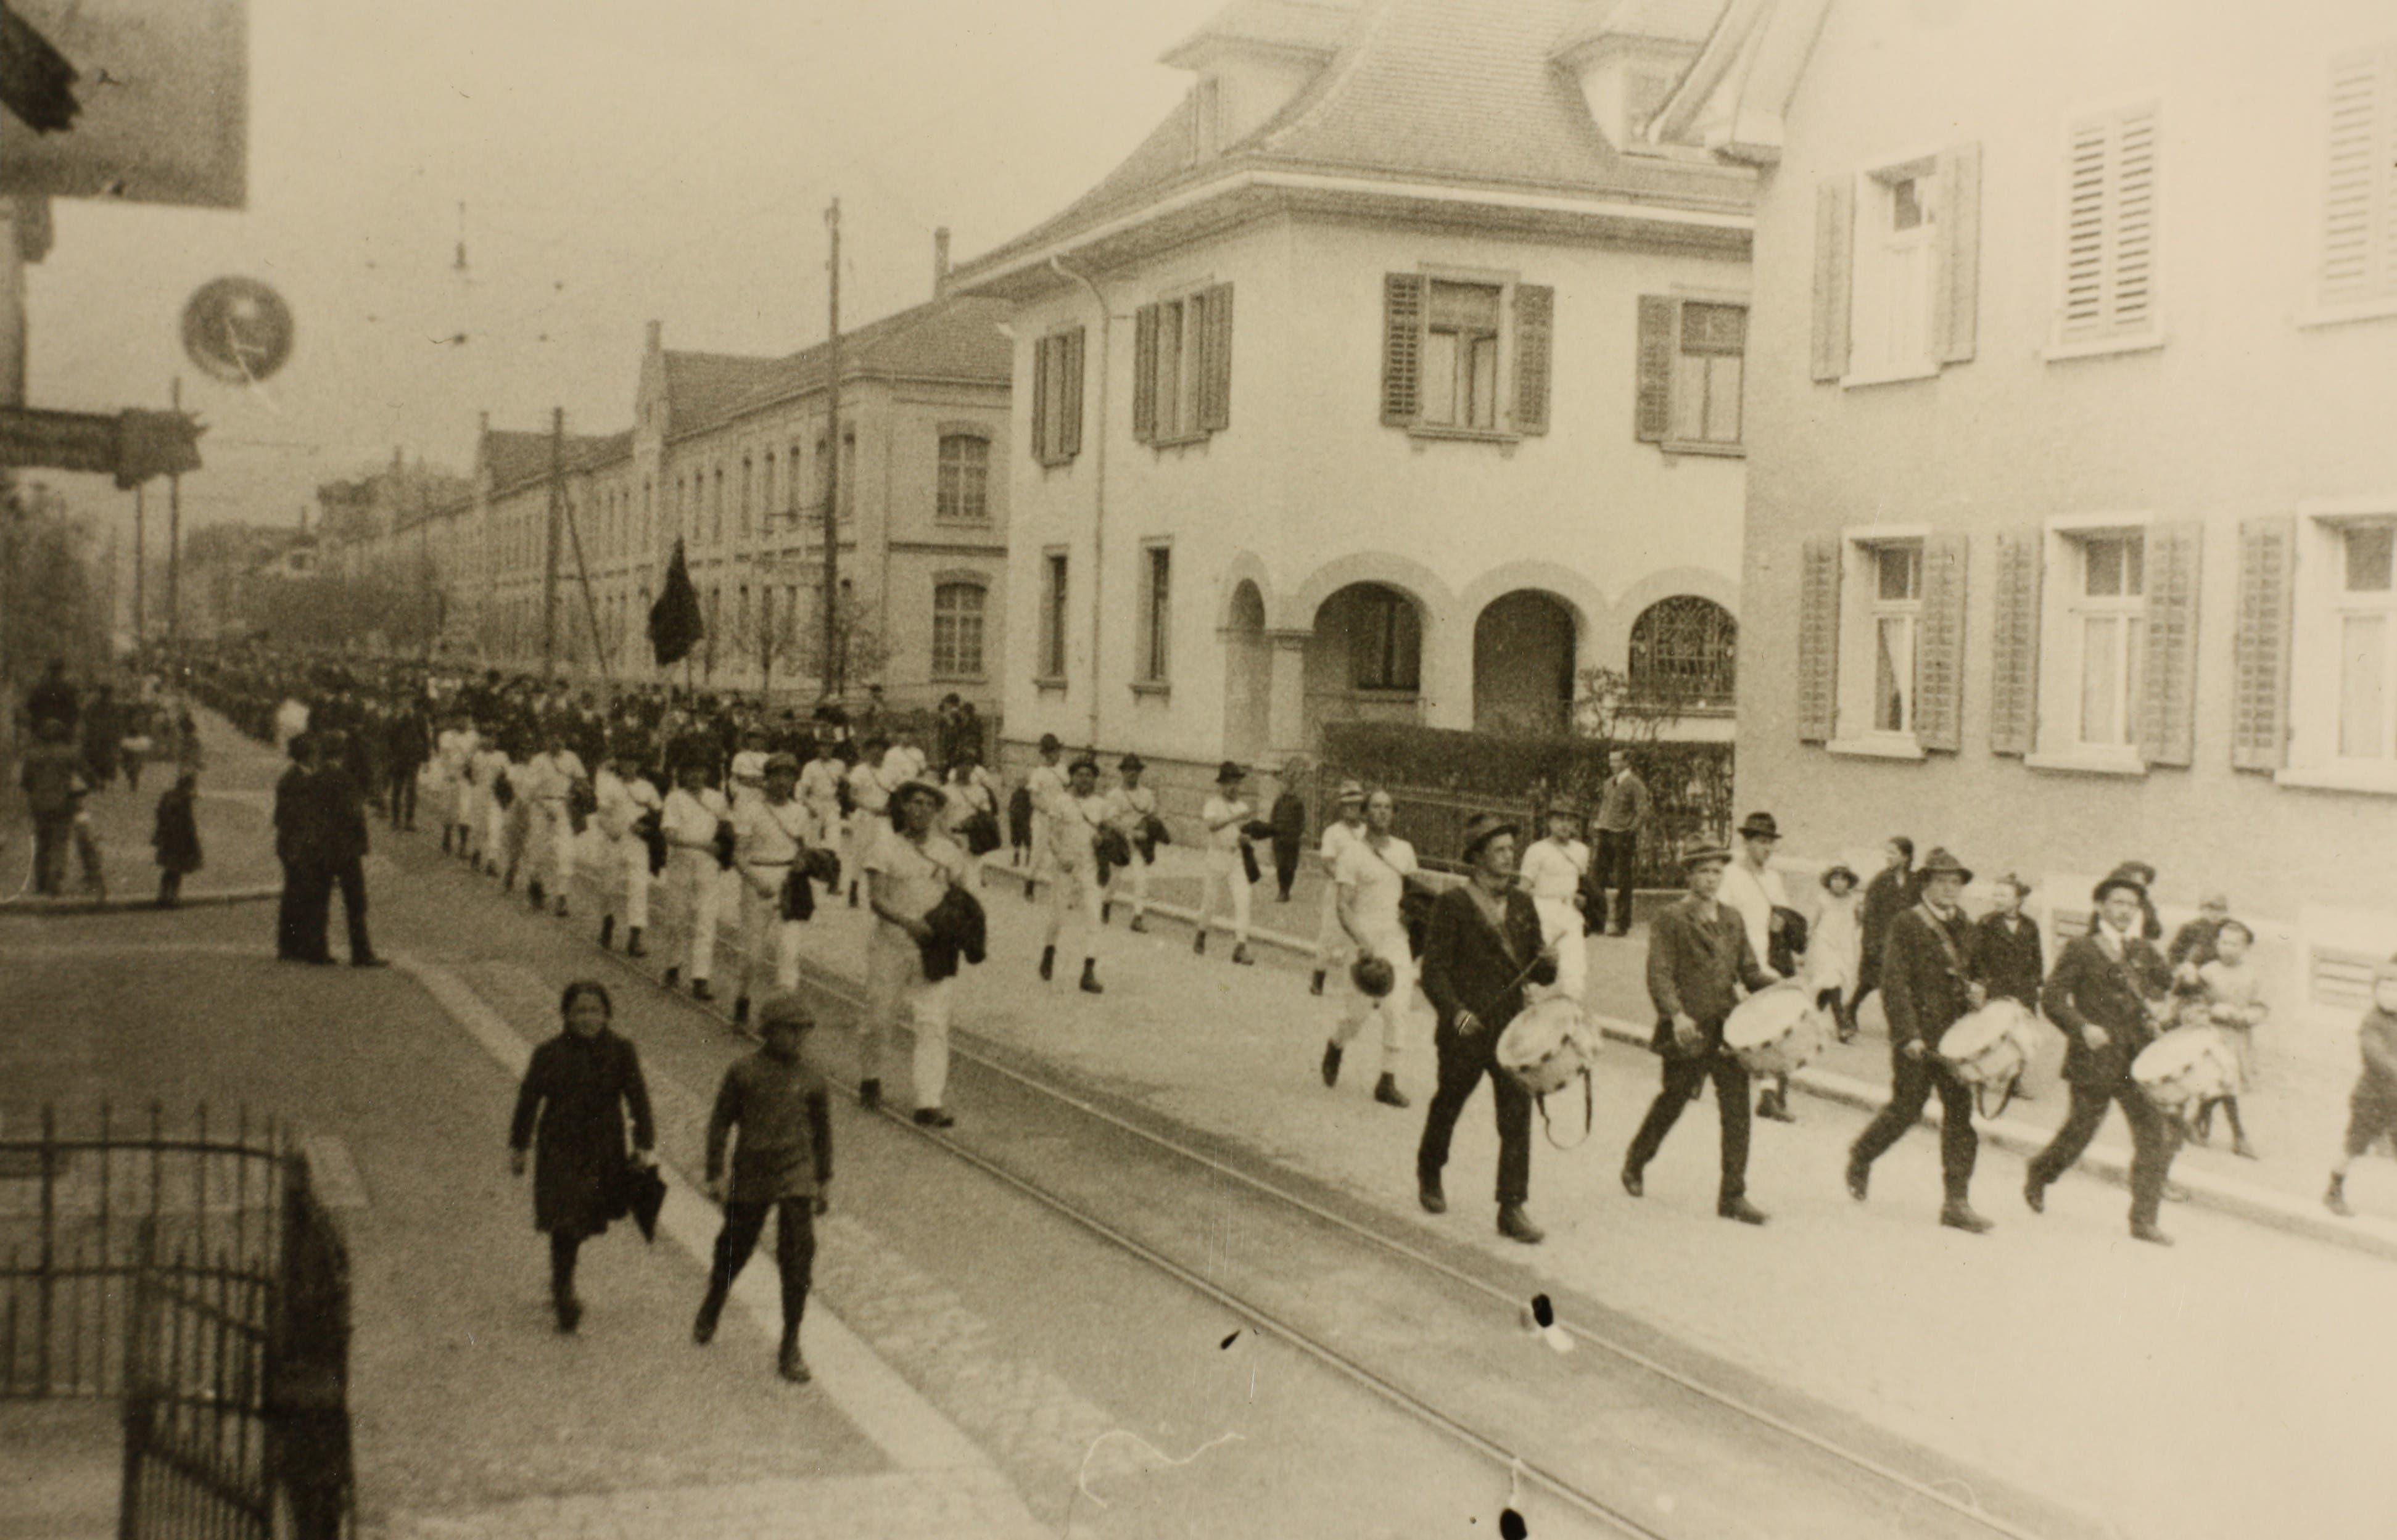 Der 1.-Mai-Umzug von 1922 in Zug, im Hintergrund ist die Metallwarenfabrik zu sehen.